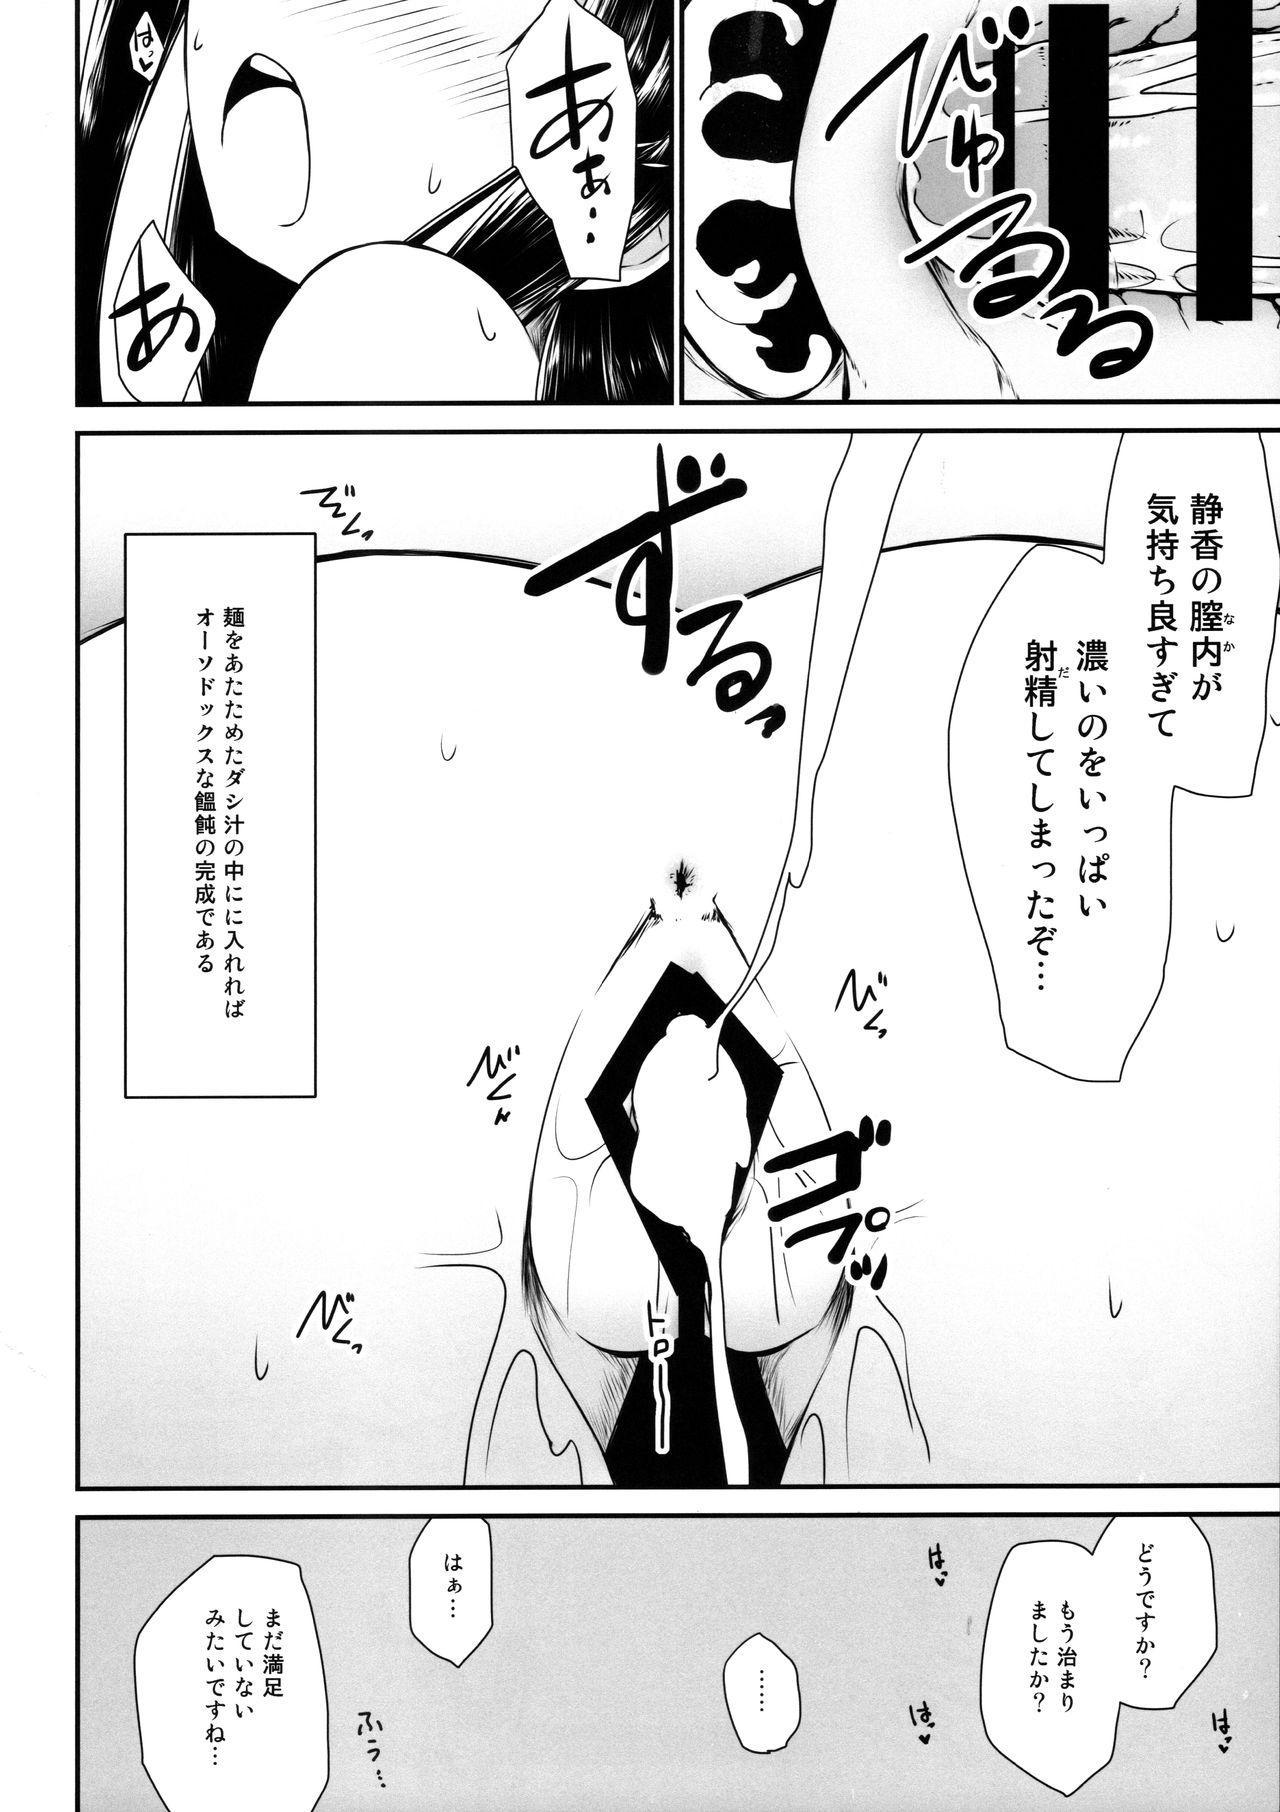 Udon no tsukurikata 18